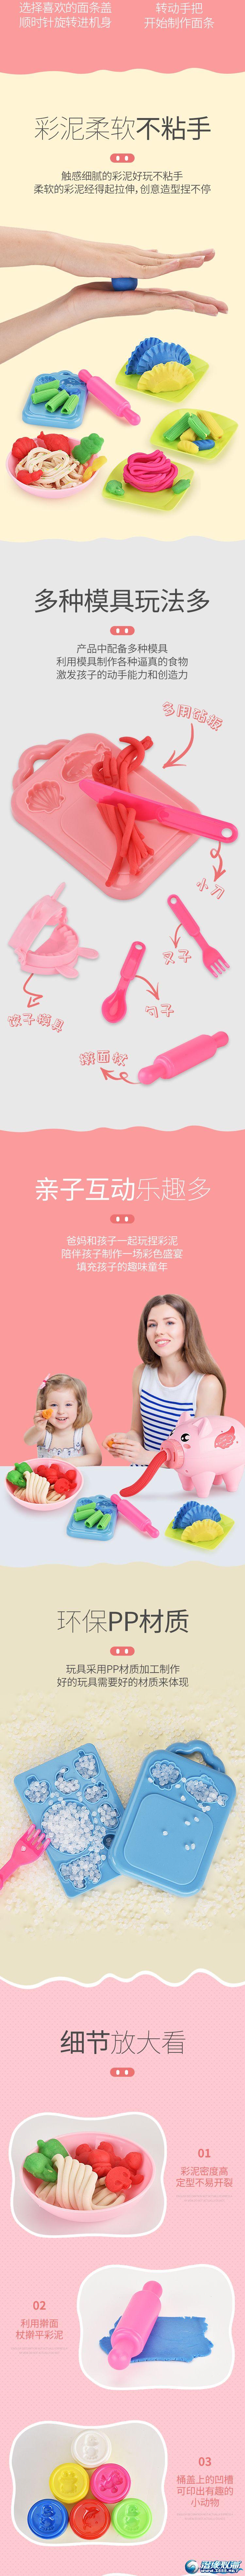 奥立玩具厂-(601、602、603)-过家家彩泥-中文详情页_02.jpg